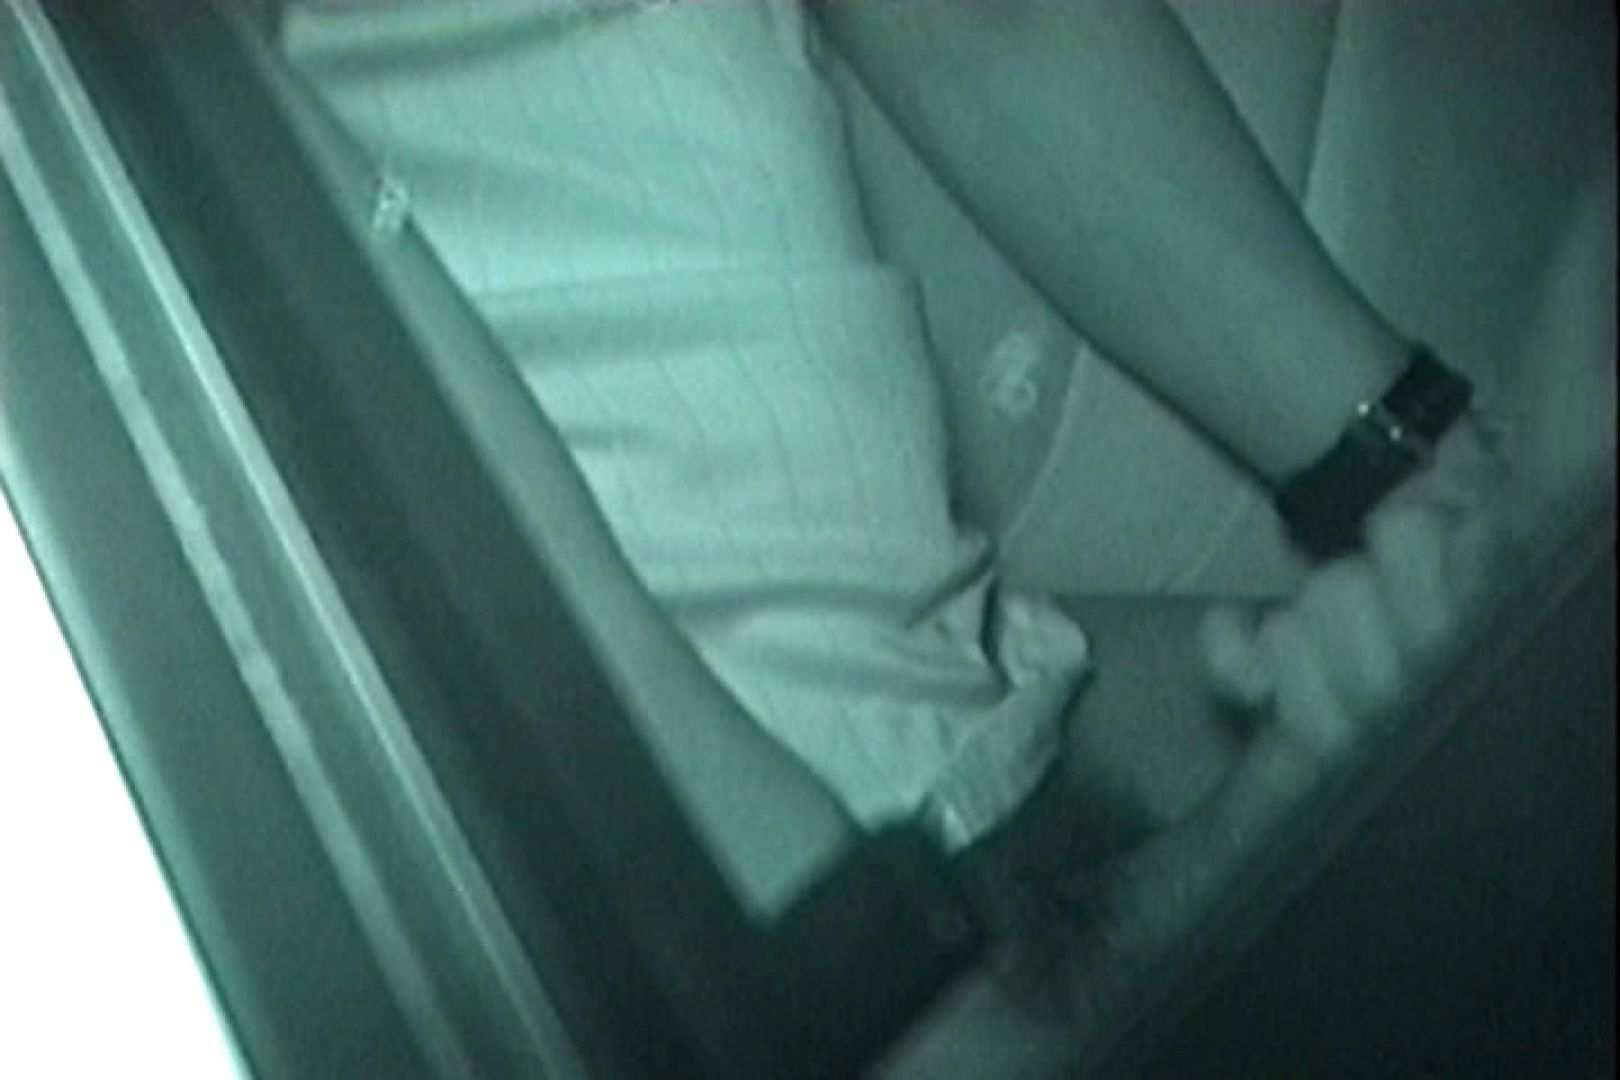 充血監督の深夜の運動会Vol.143 性欲溢れる女性達 オメコ無修正動画無料 109pic 95